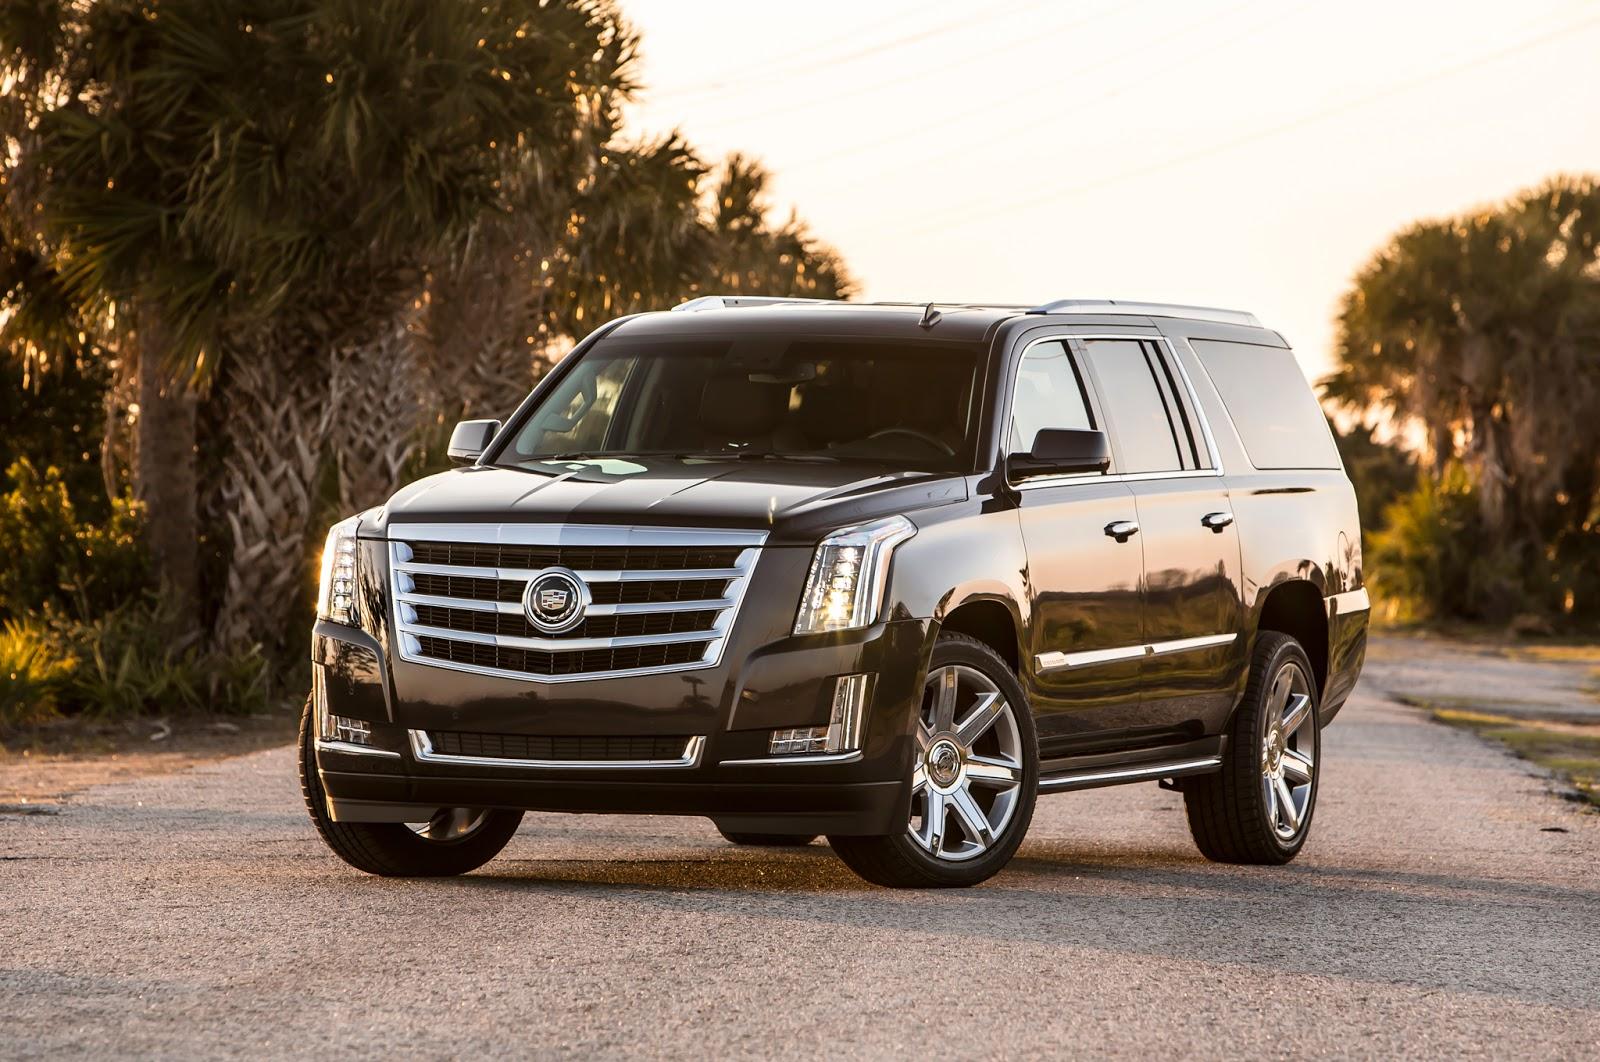 Cadillac Escalade một quái thú đến từ nước Mỹ